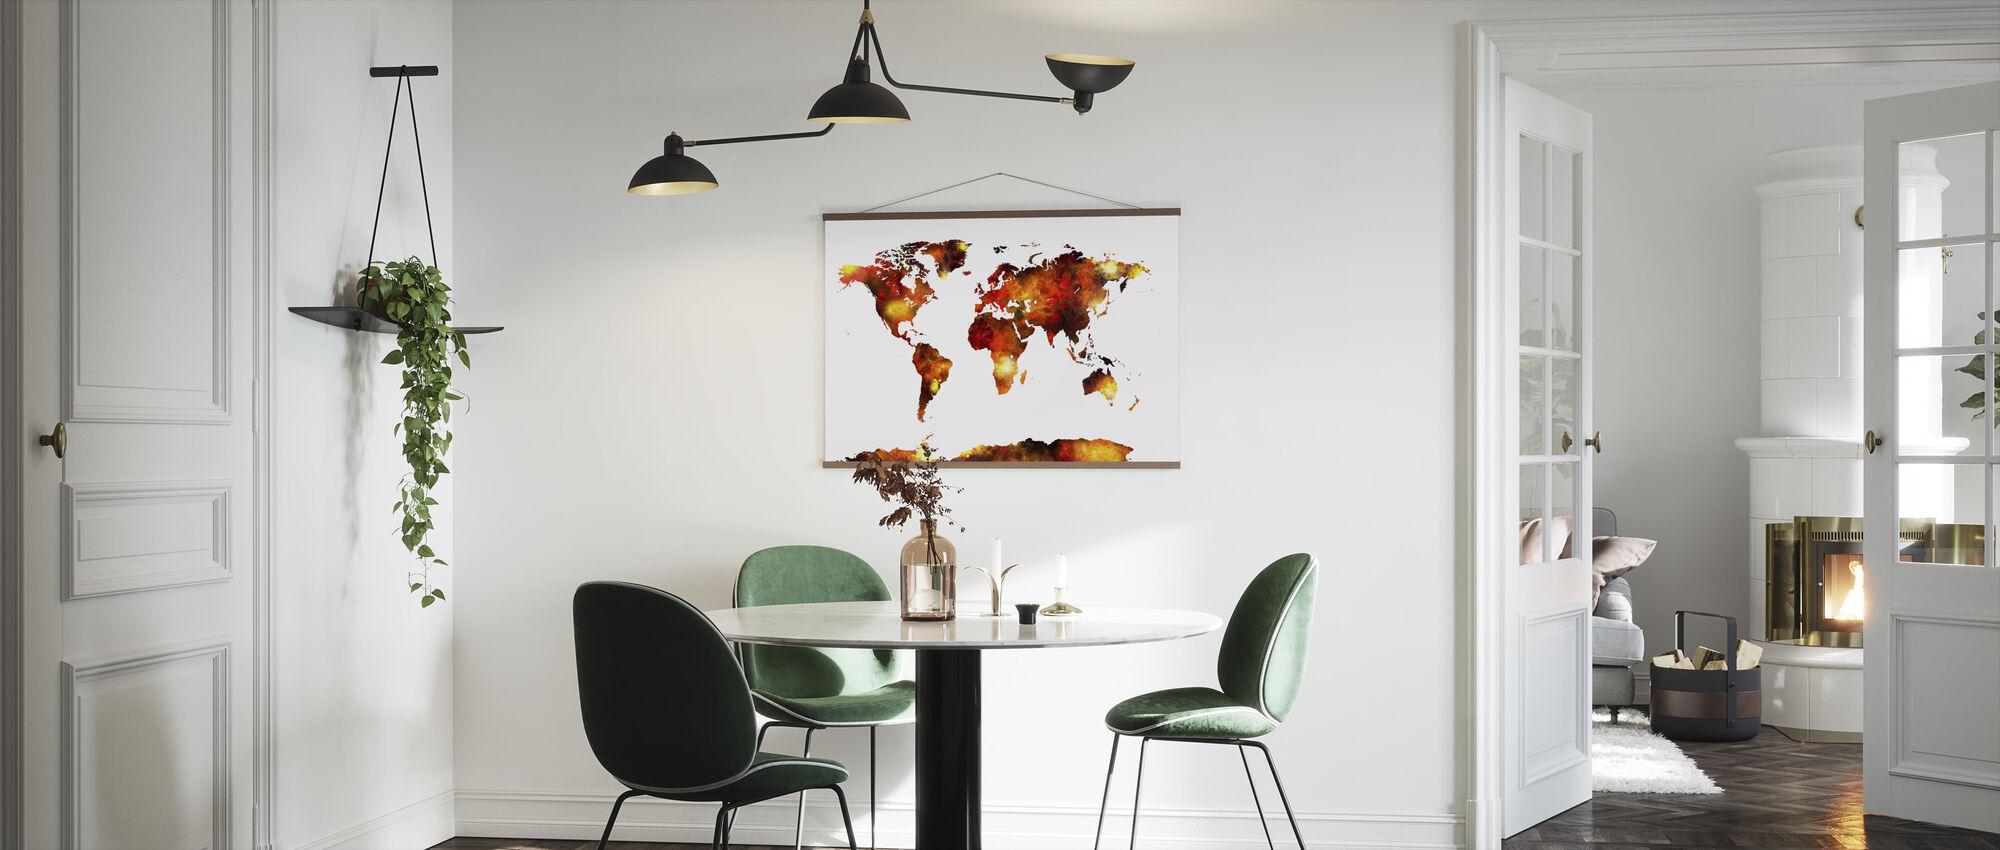 Akvarell World Map Orange - Plakat - Kjøkken